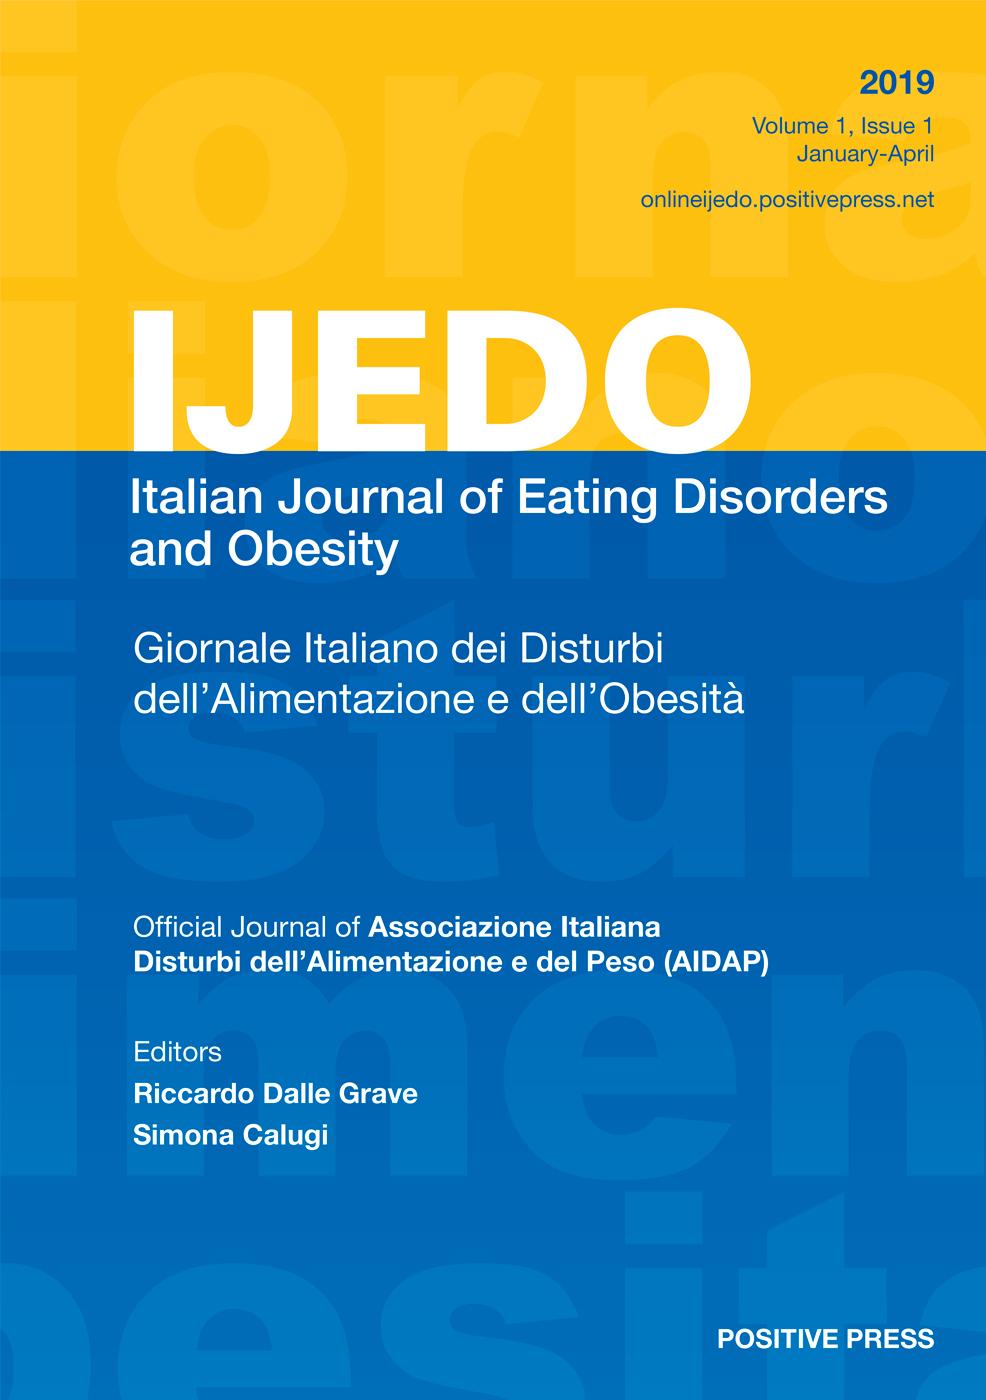 IJEDO Giornale Italiano dei Disturbi dell'Alimentazione e dell'Obesita / Italian Journal of Eating Disorders and Obesity